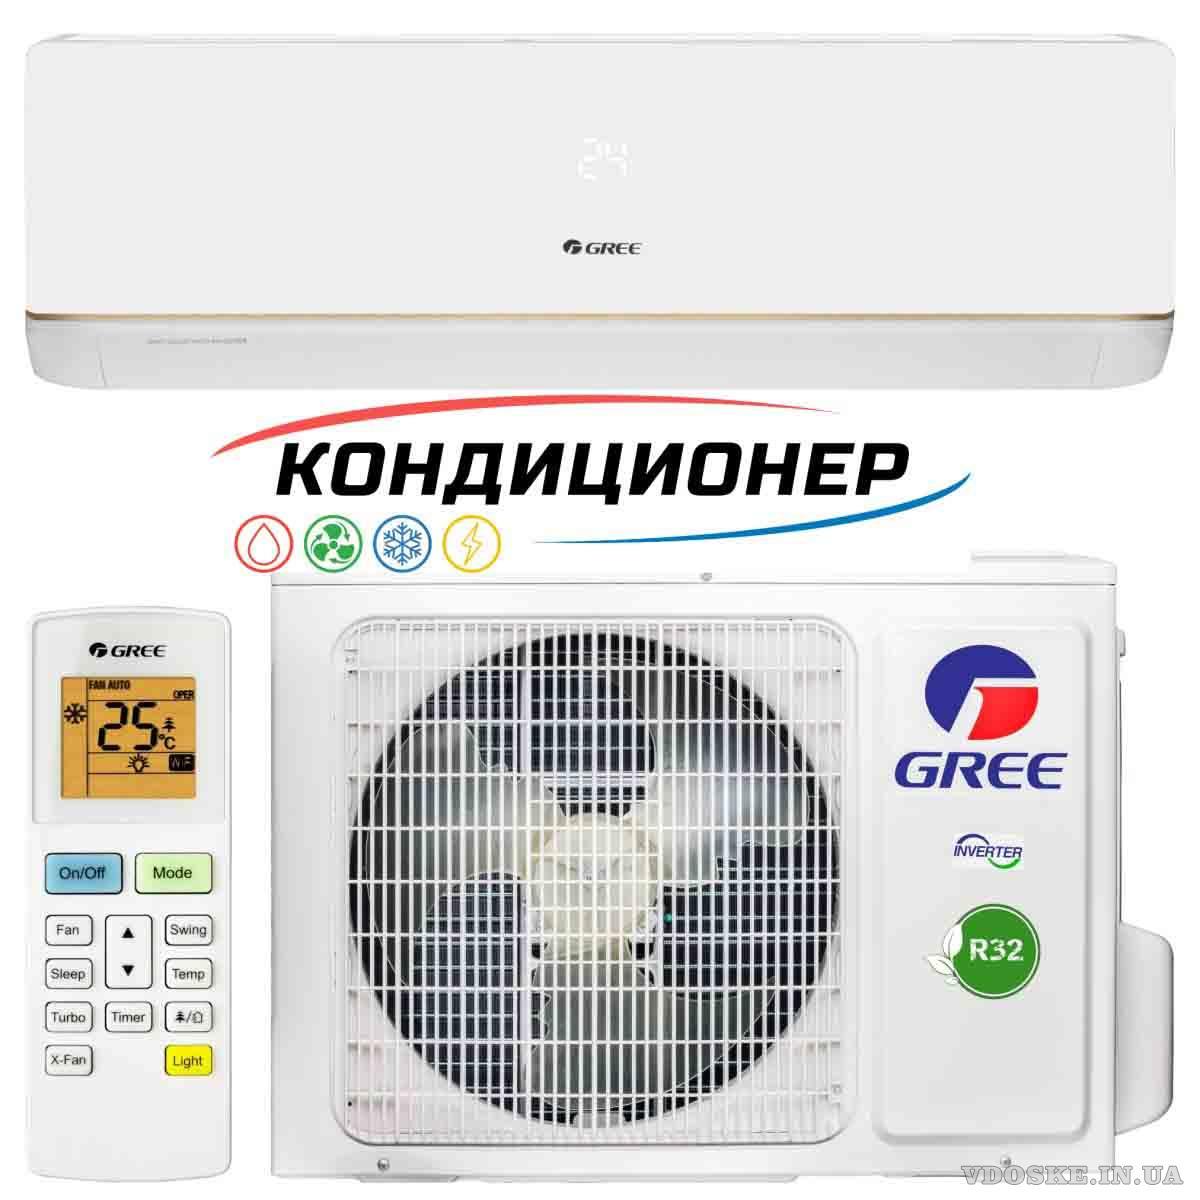 Купить Кондиционер в Киеве с установкой под Ключ. Кондиционер Киев.